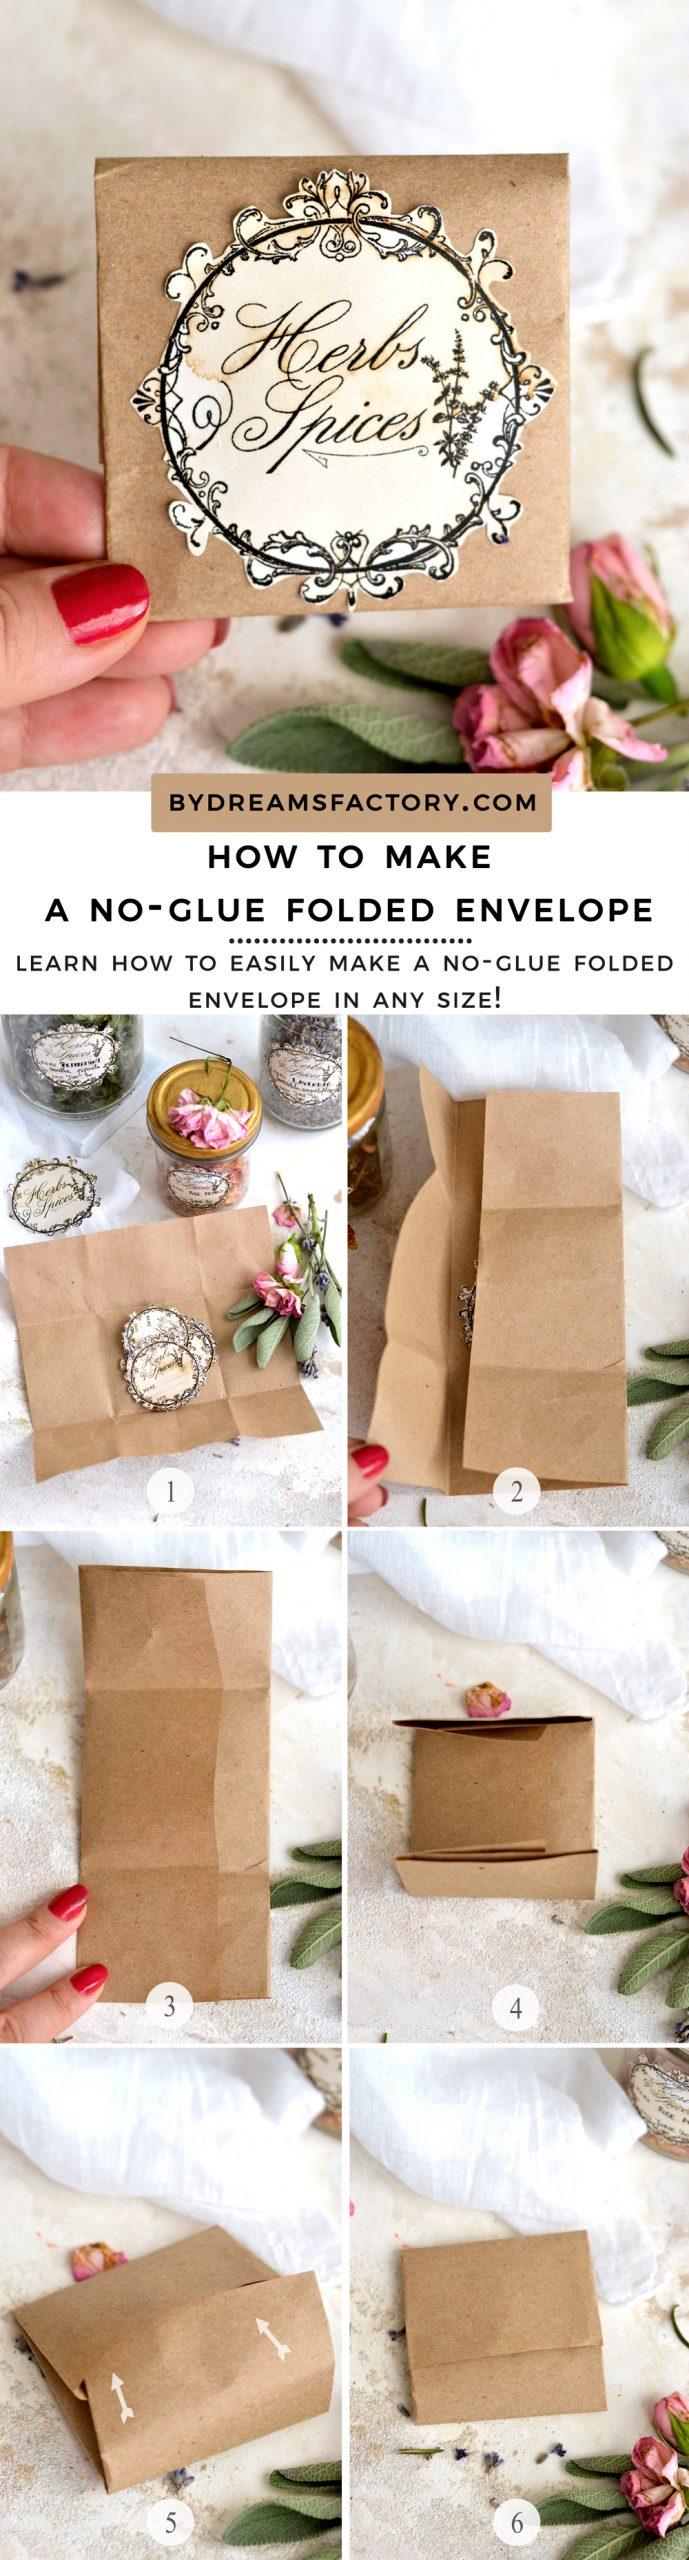 make a no-glue folded envelope